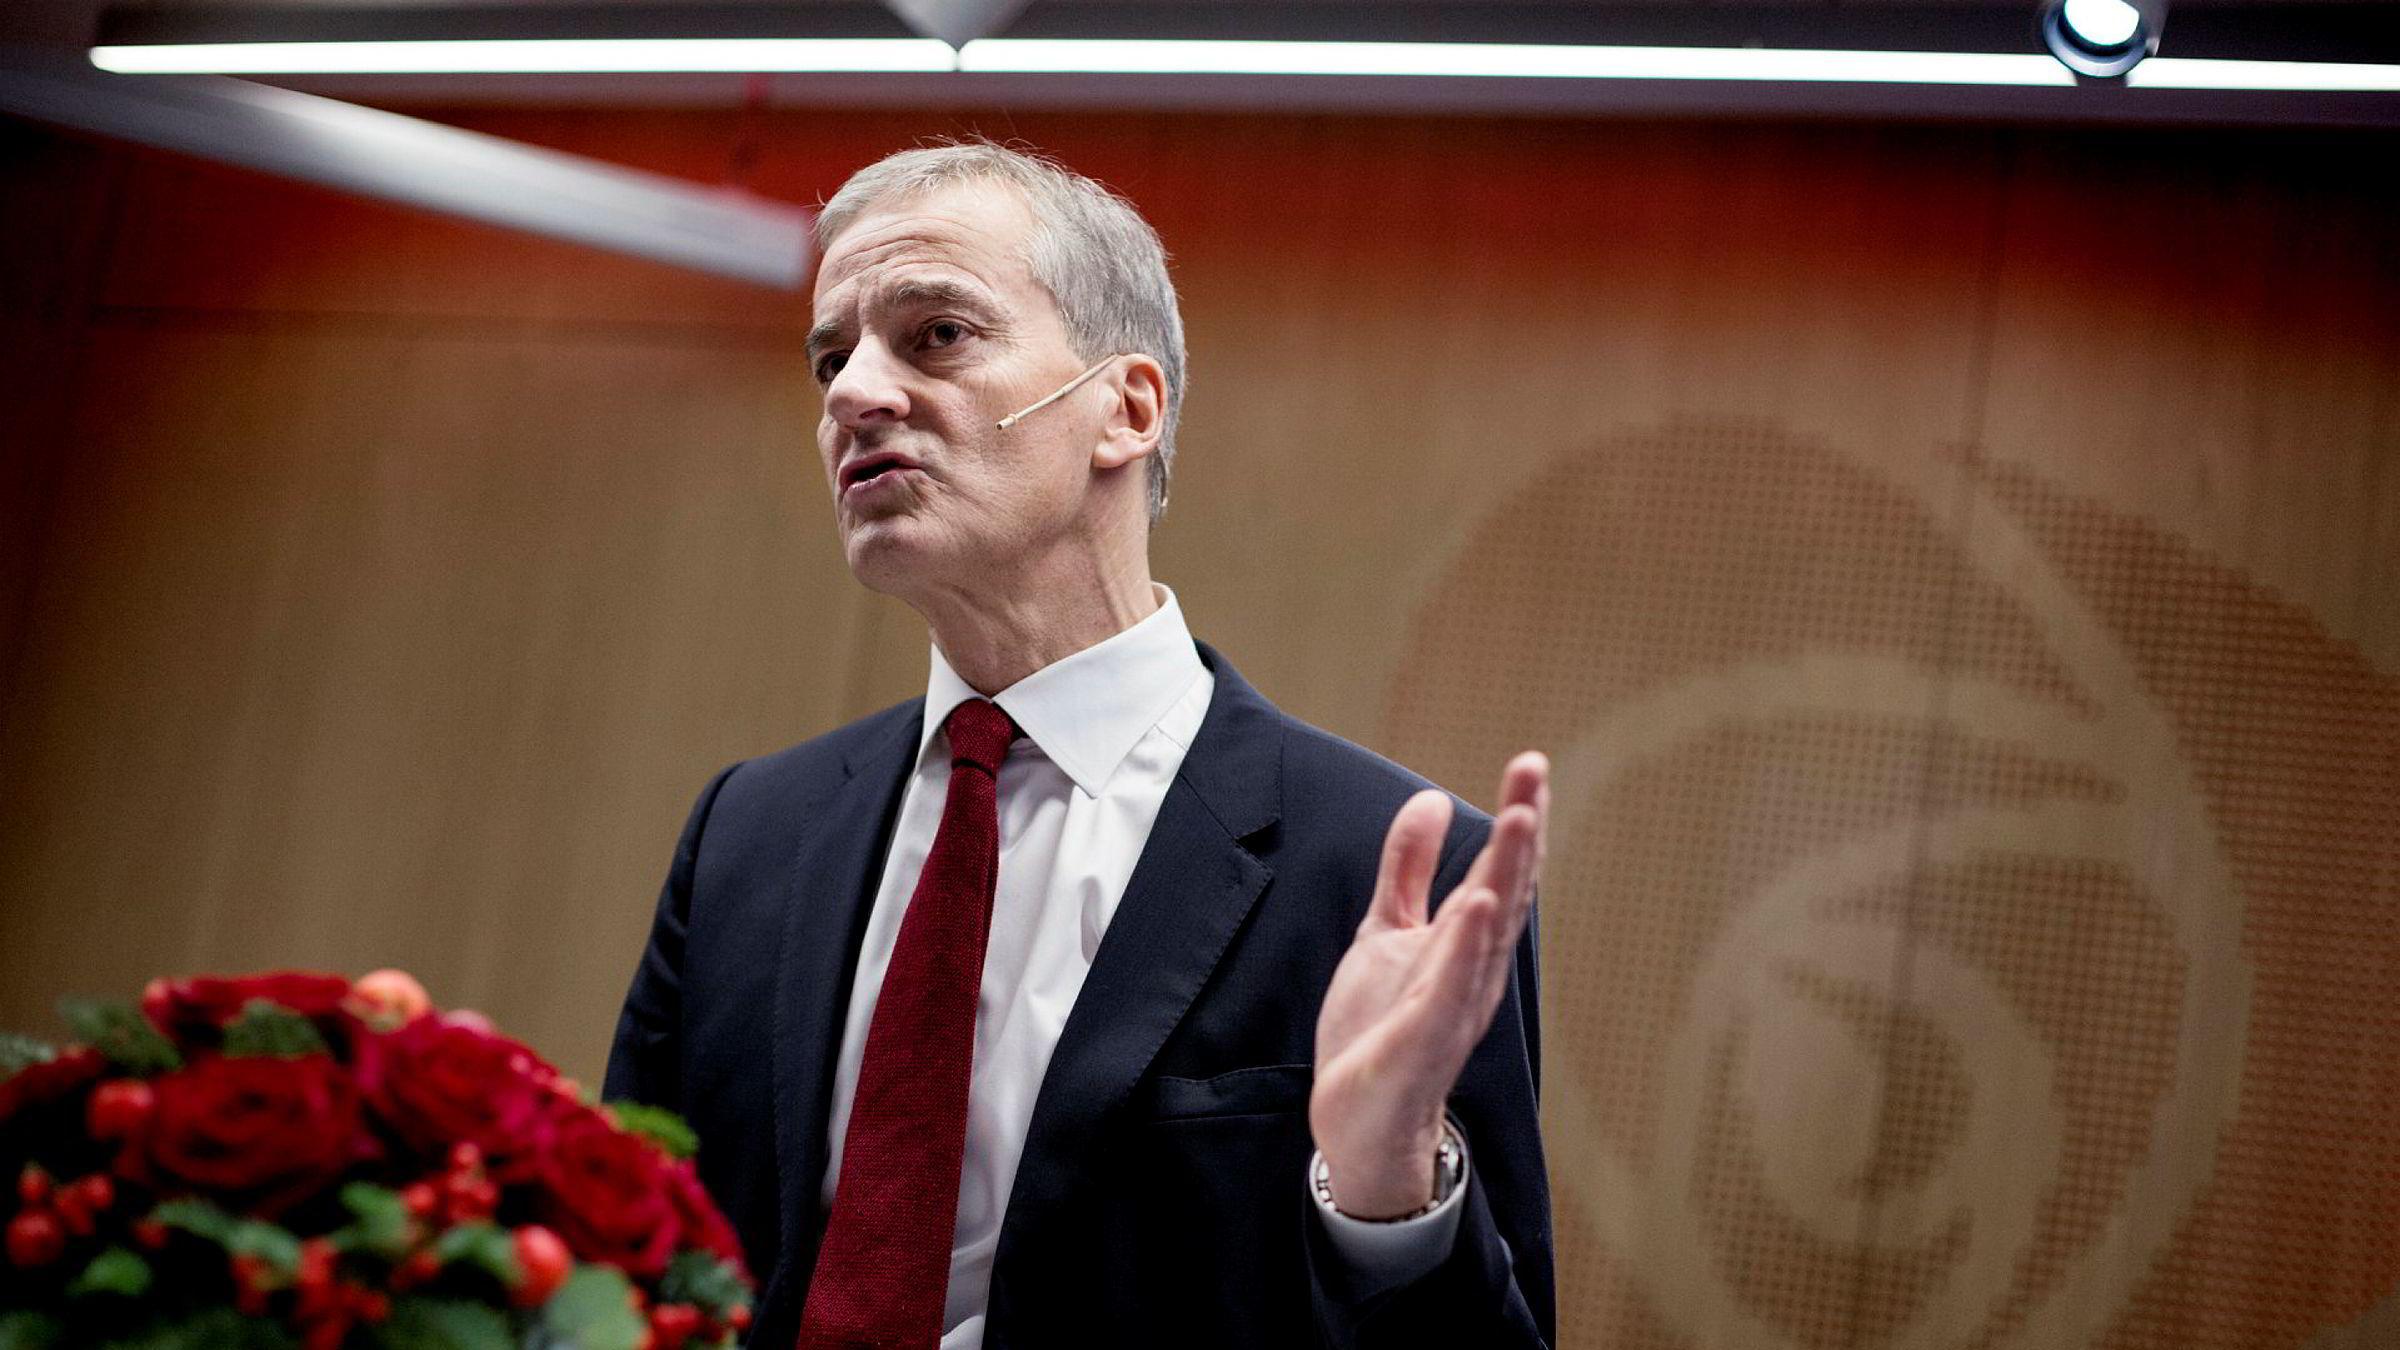 Arbeiderpartileder Jonas Gahr Støre på pressekonferansen på Arbeiderpartiets partikontor på Youngstorget tirsdag.